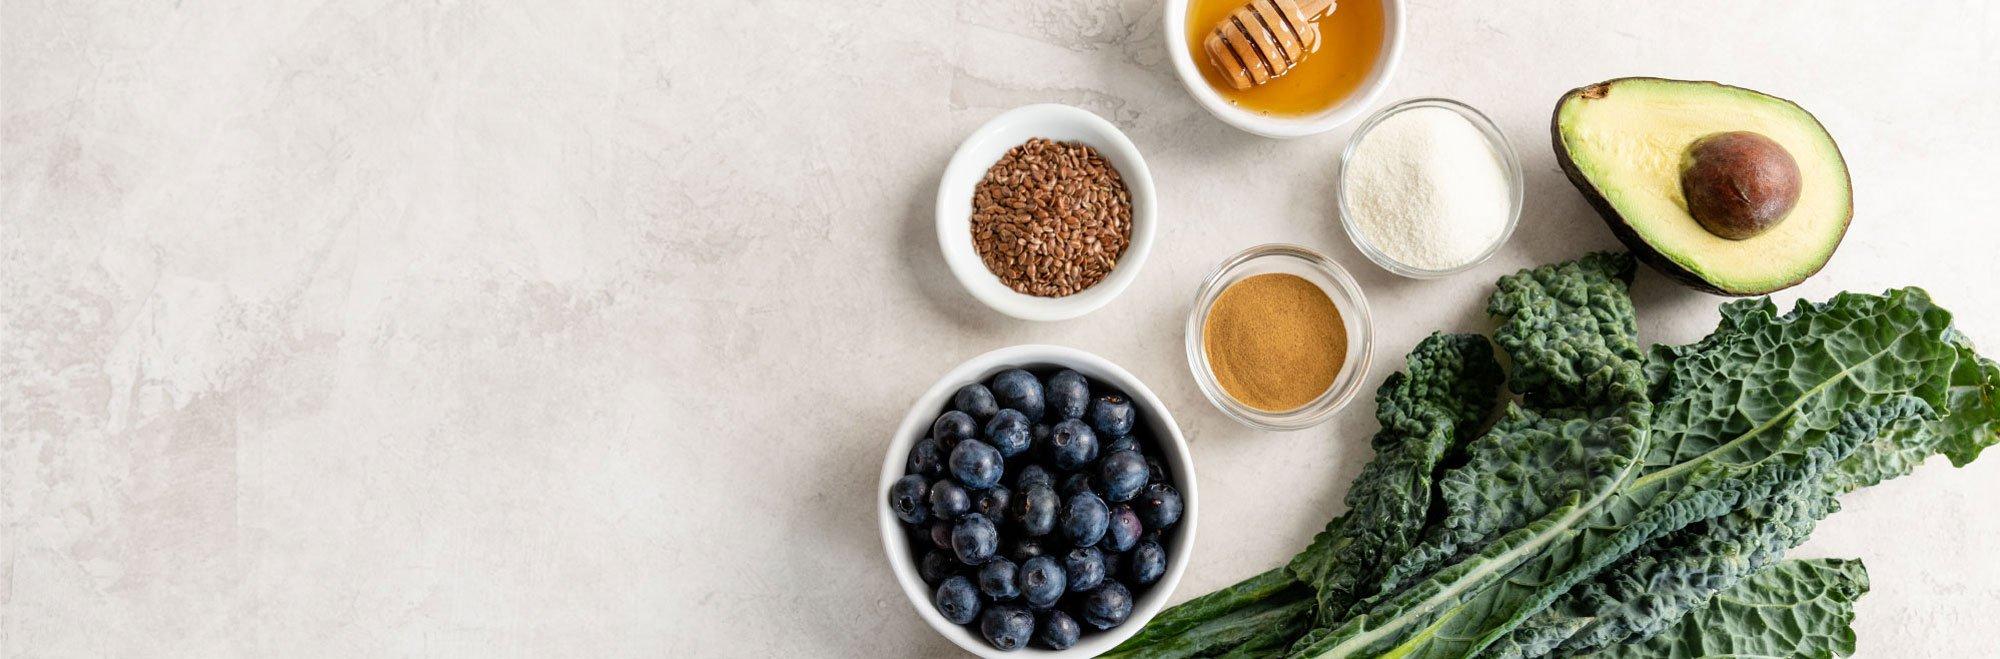 healthy happy food